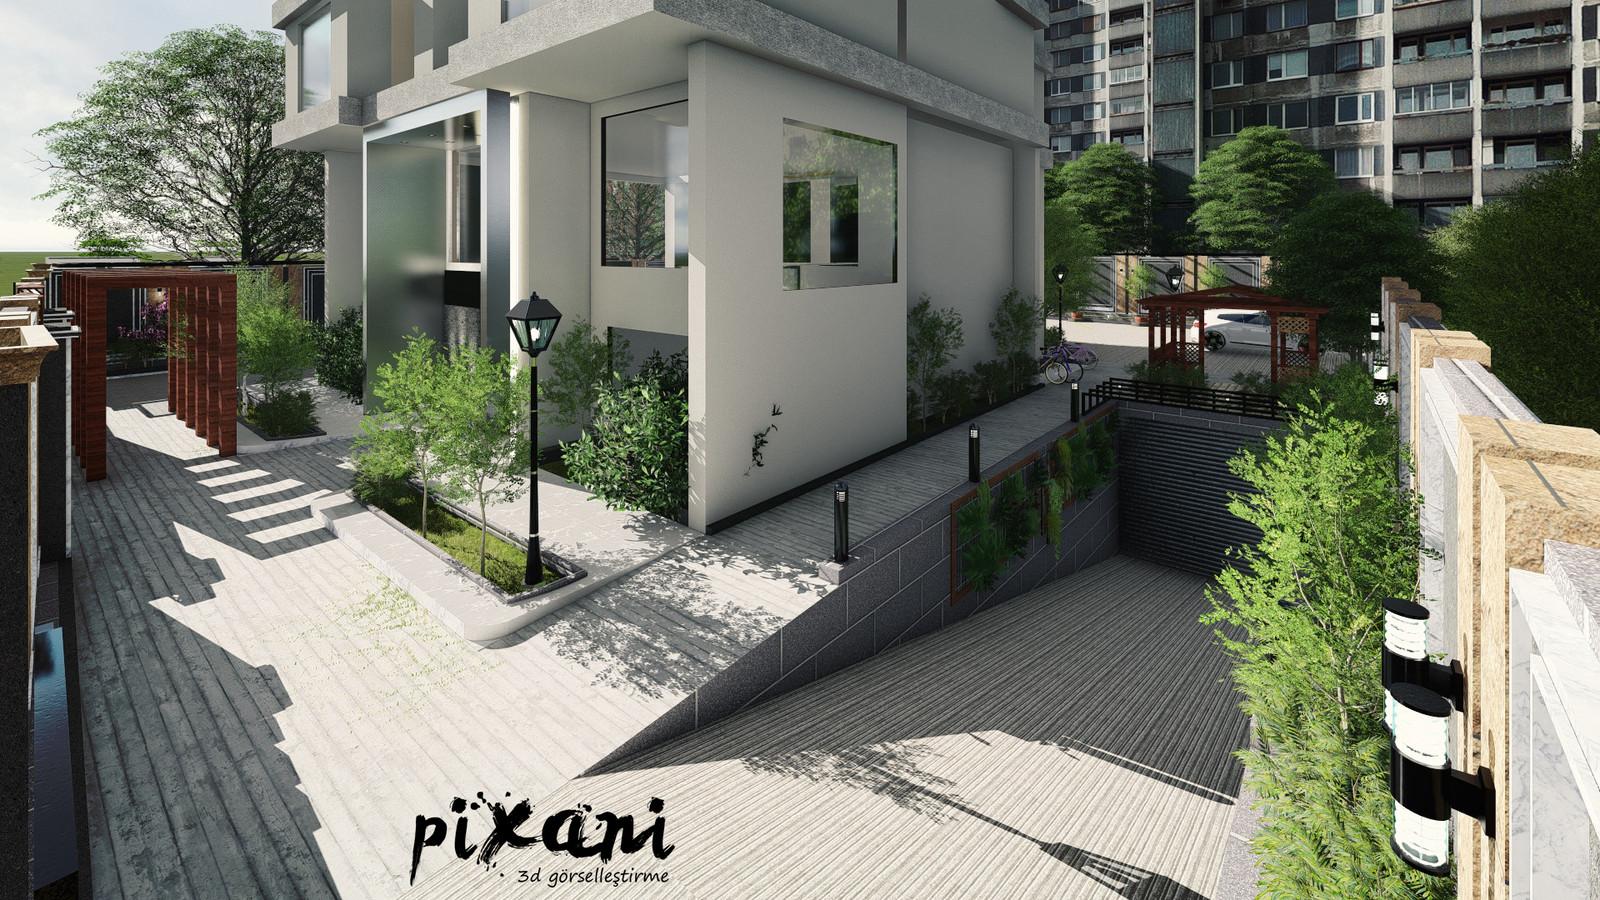 www.pix-ani.com